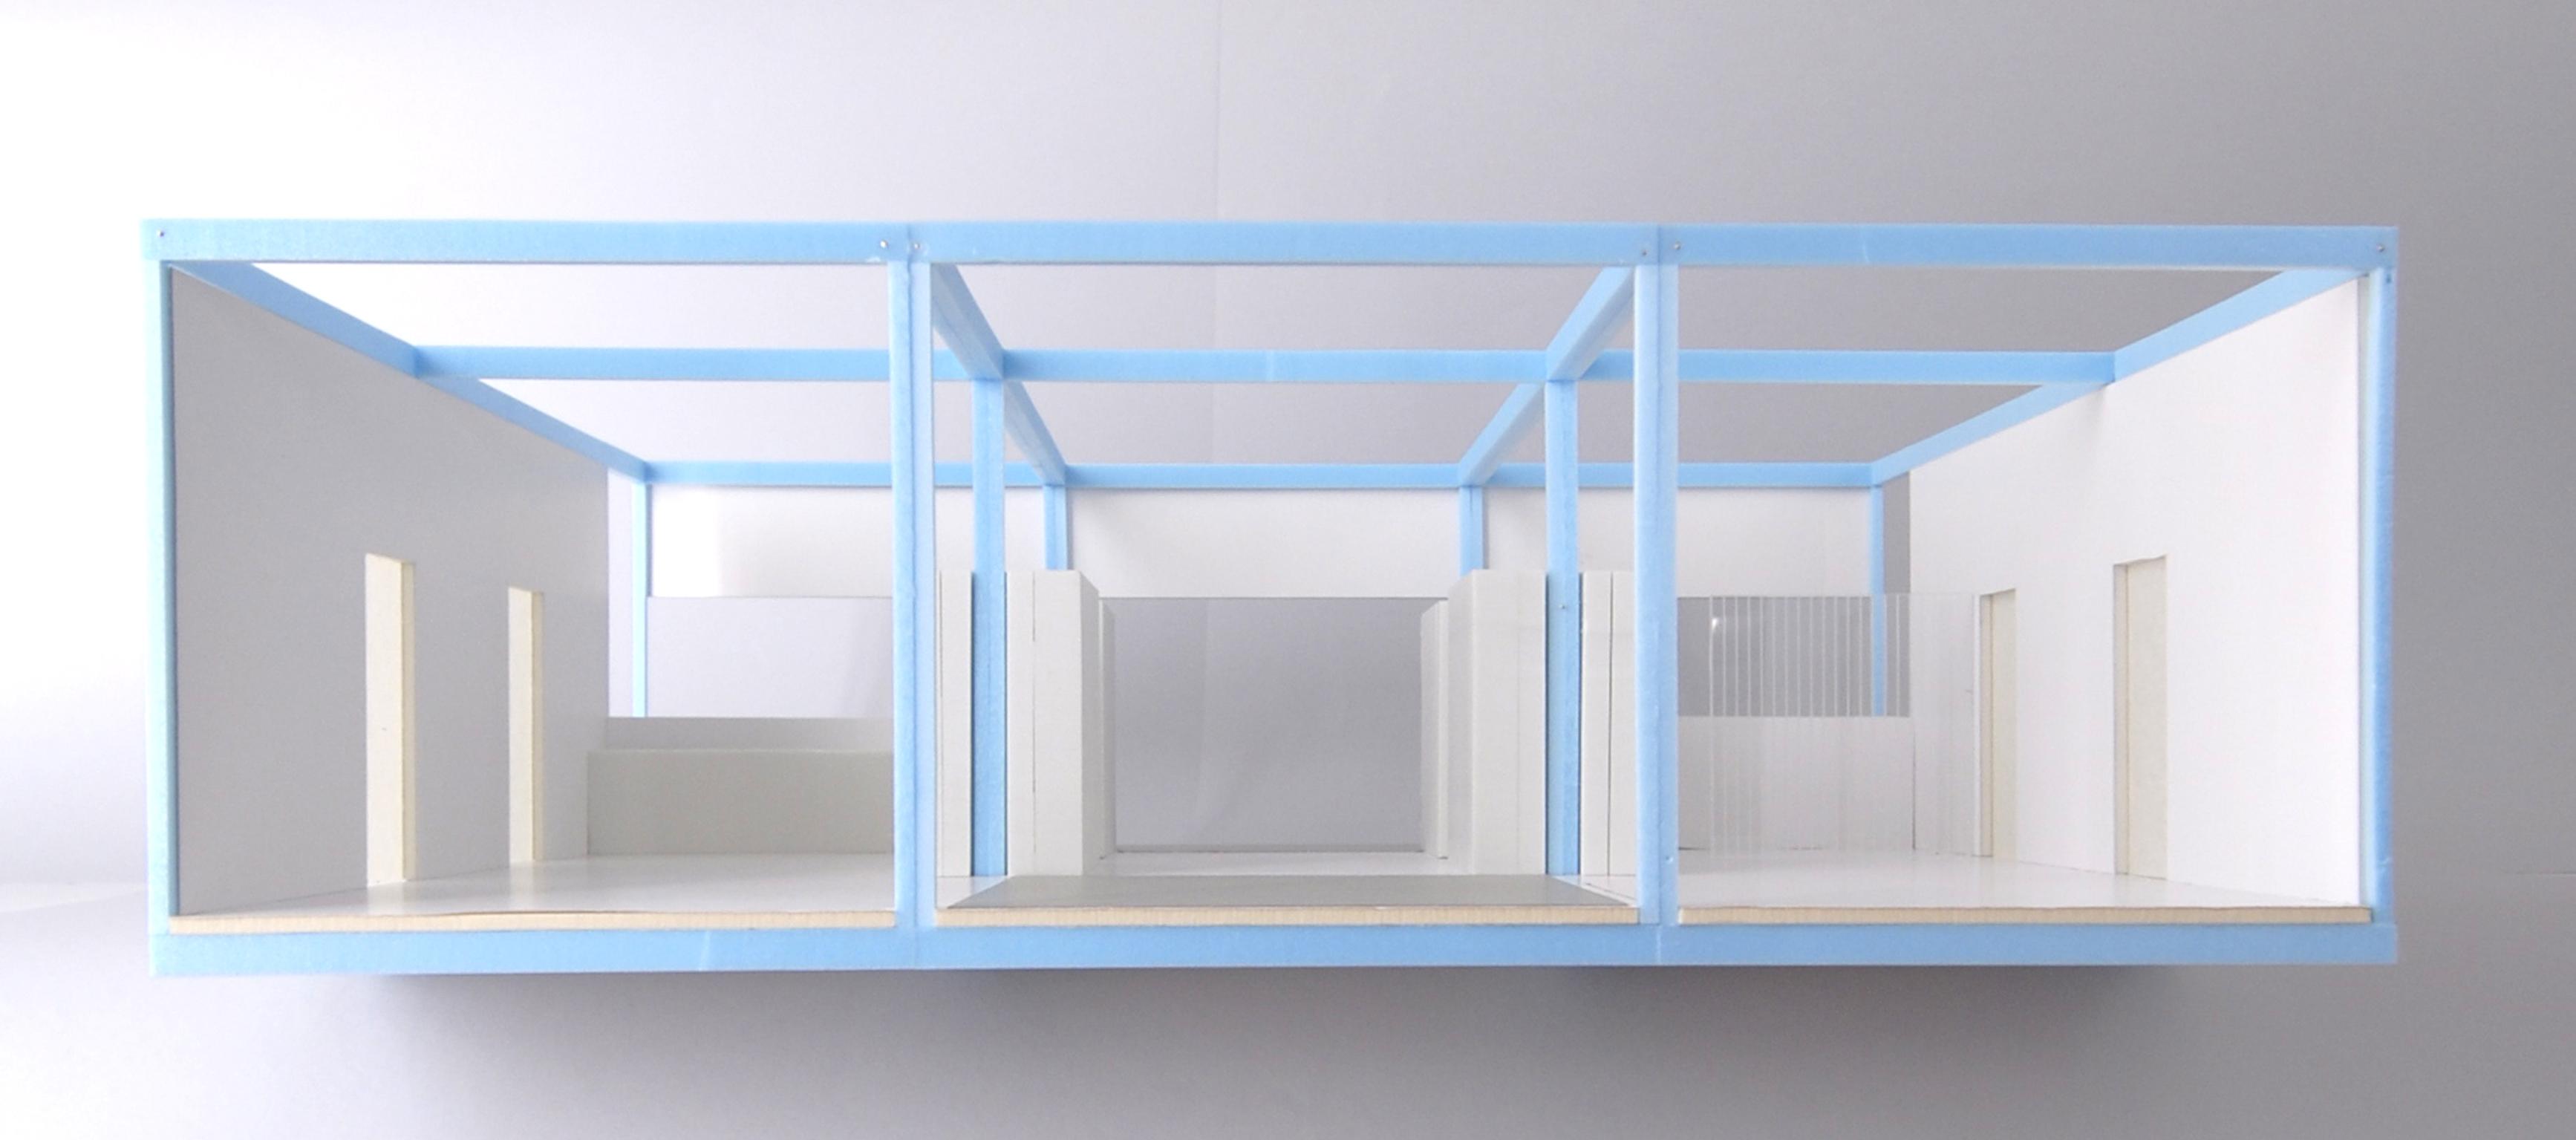 Atrium Wohnungen – Stapelbare Modulare Bausysteme | Ben Huser